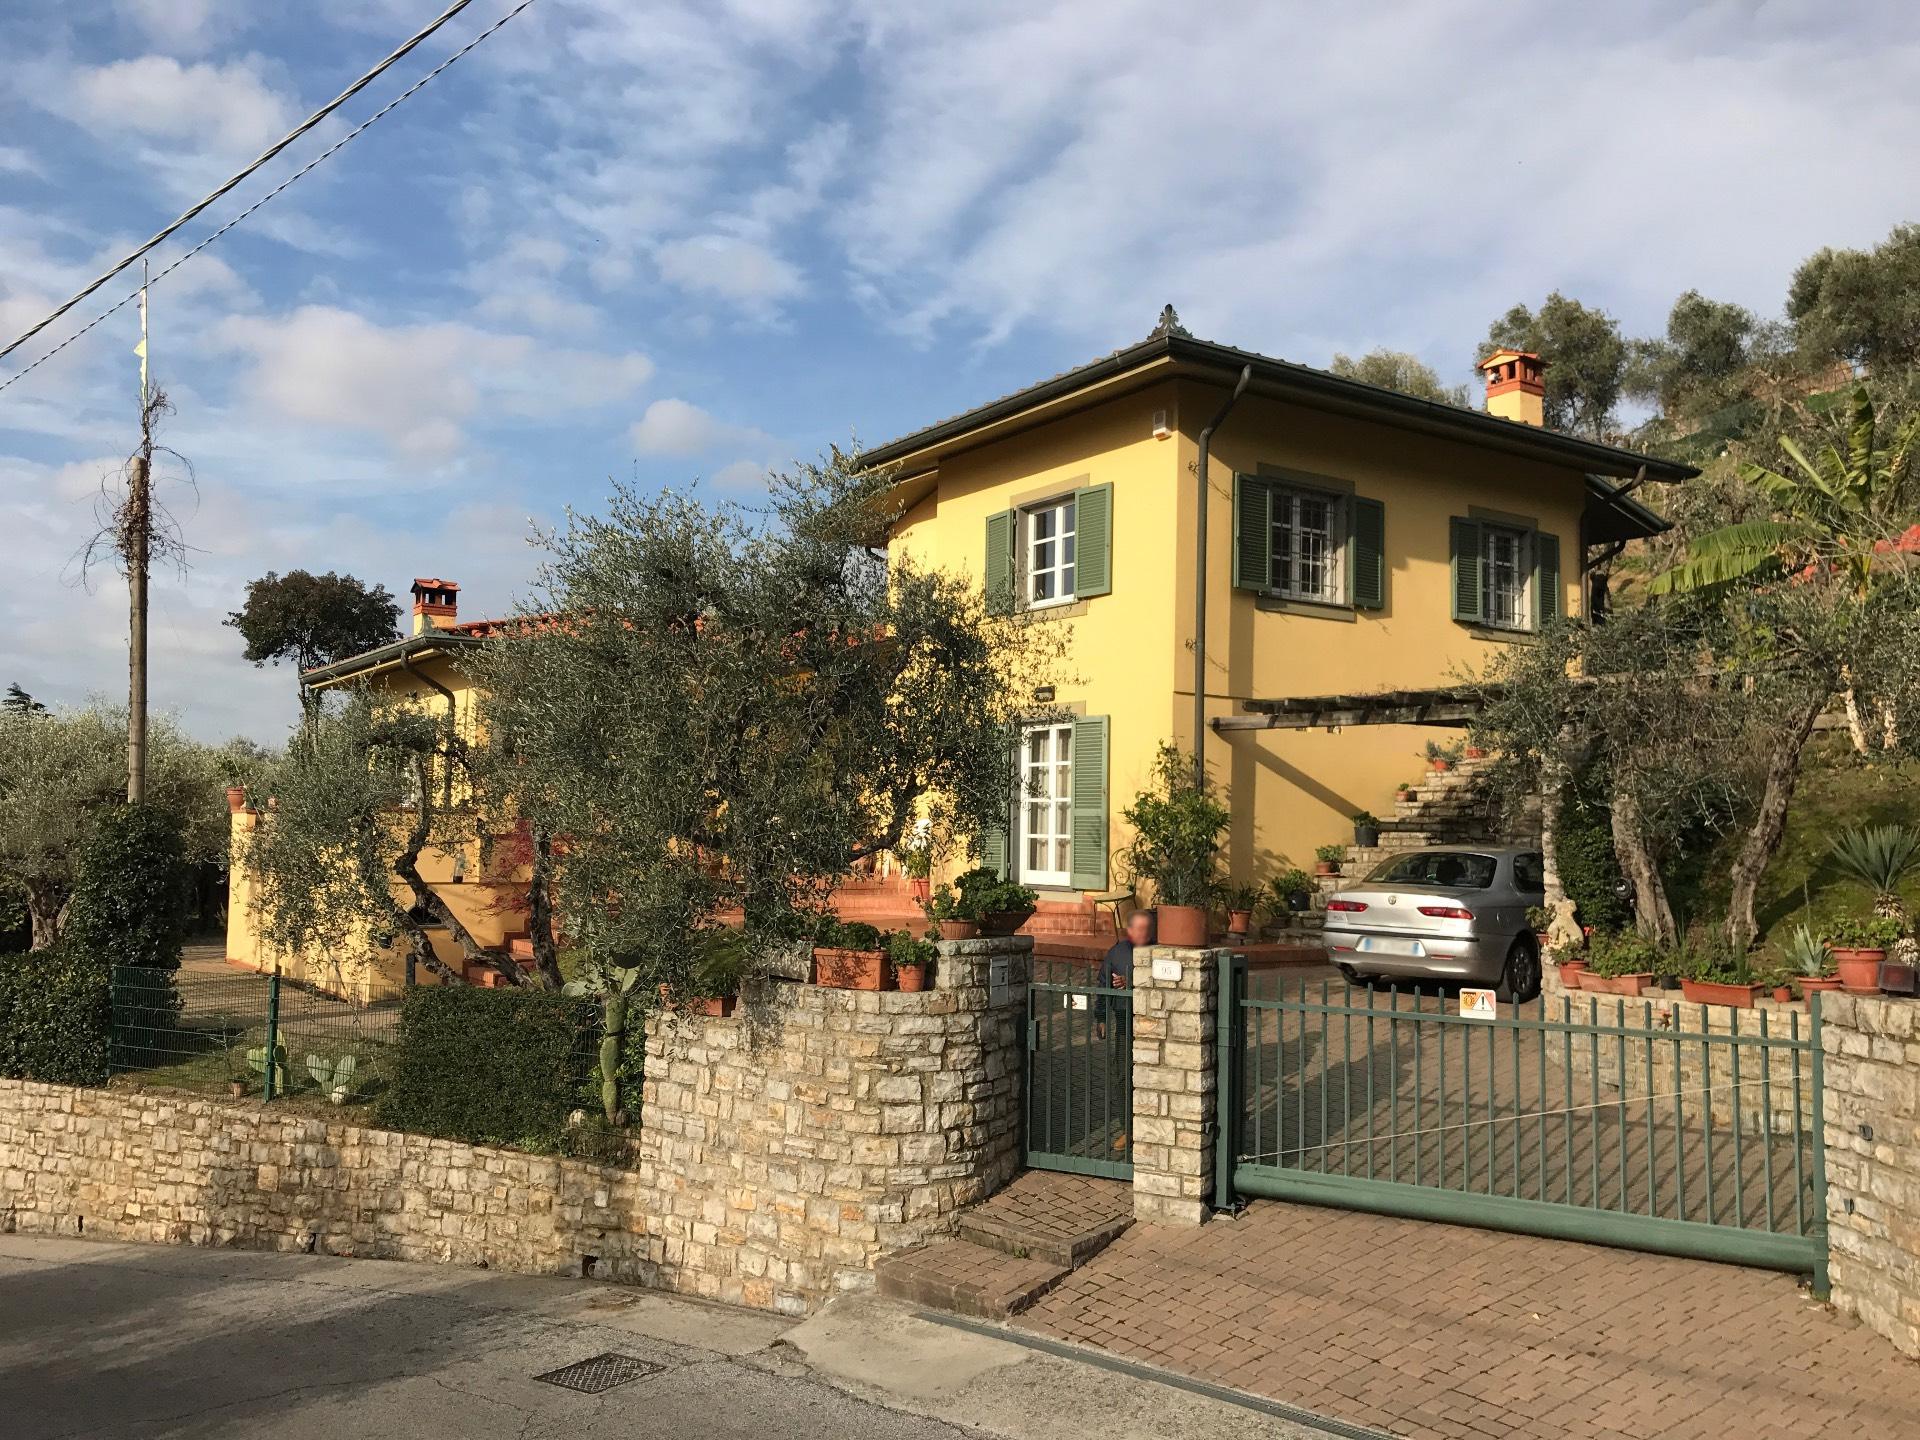 Villa in vendita a Massarosa, 8 locali, zona Zona: Massaciuccoli, Trattative riservate | Cambio Casa.it